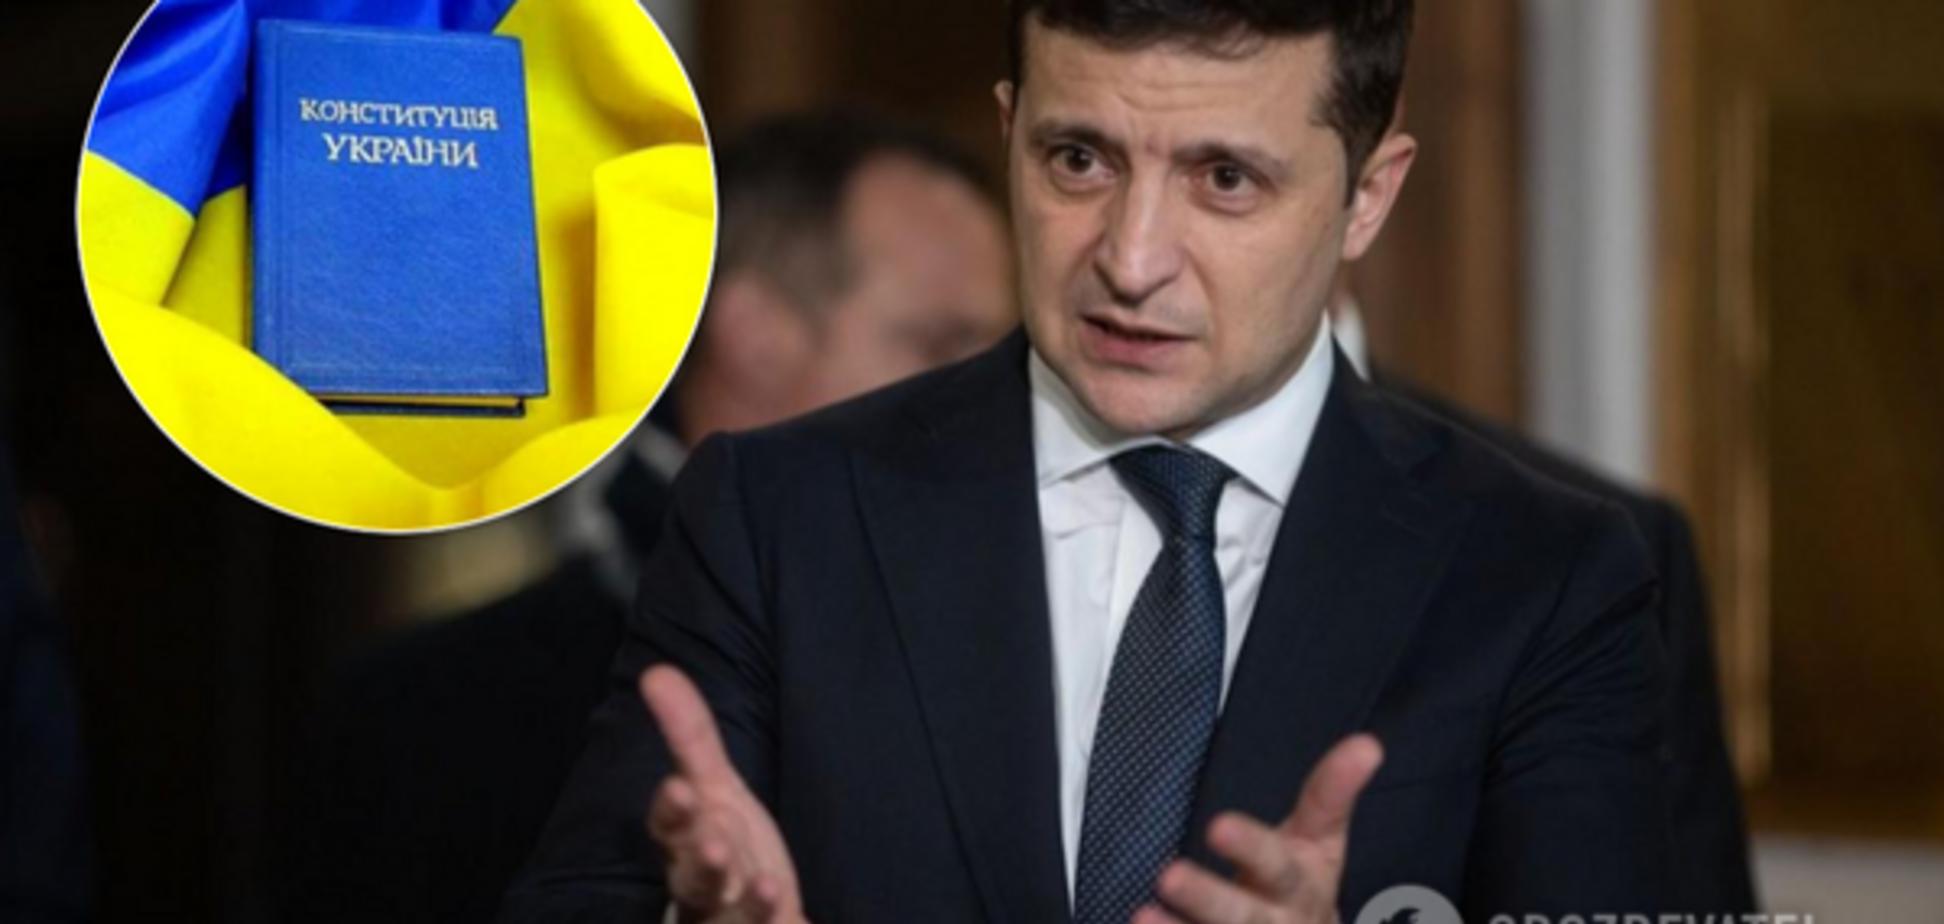 После публикации OBOZREVATEL 'слуги народа' отказались голосовать за изменения в Конституцию от Зеленского